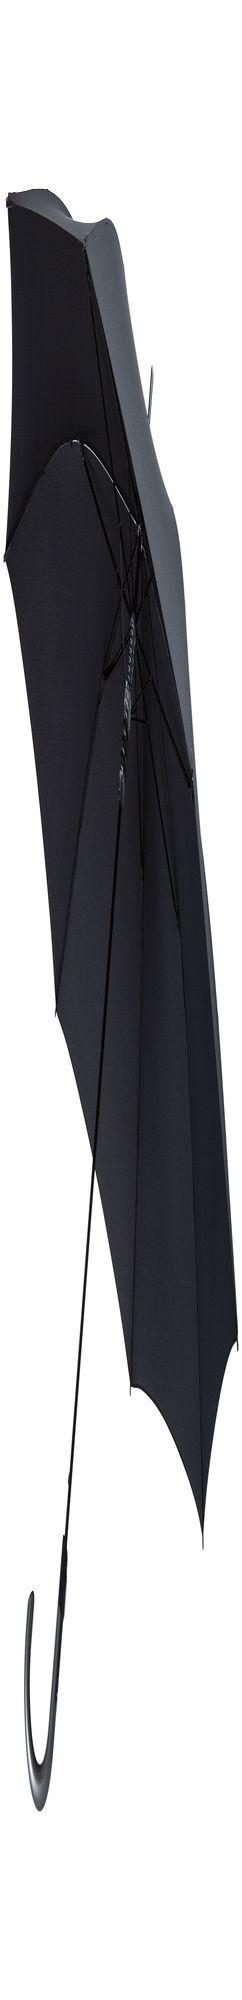 Зонт-трость T.703, черный фото